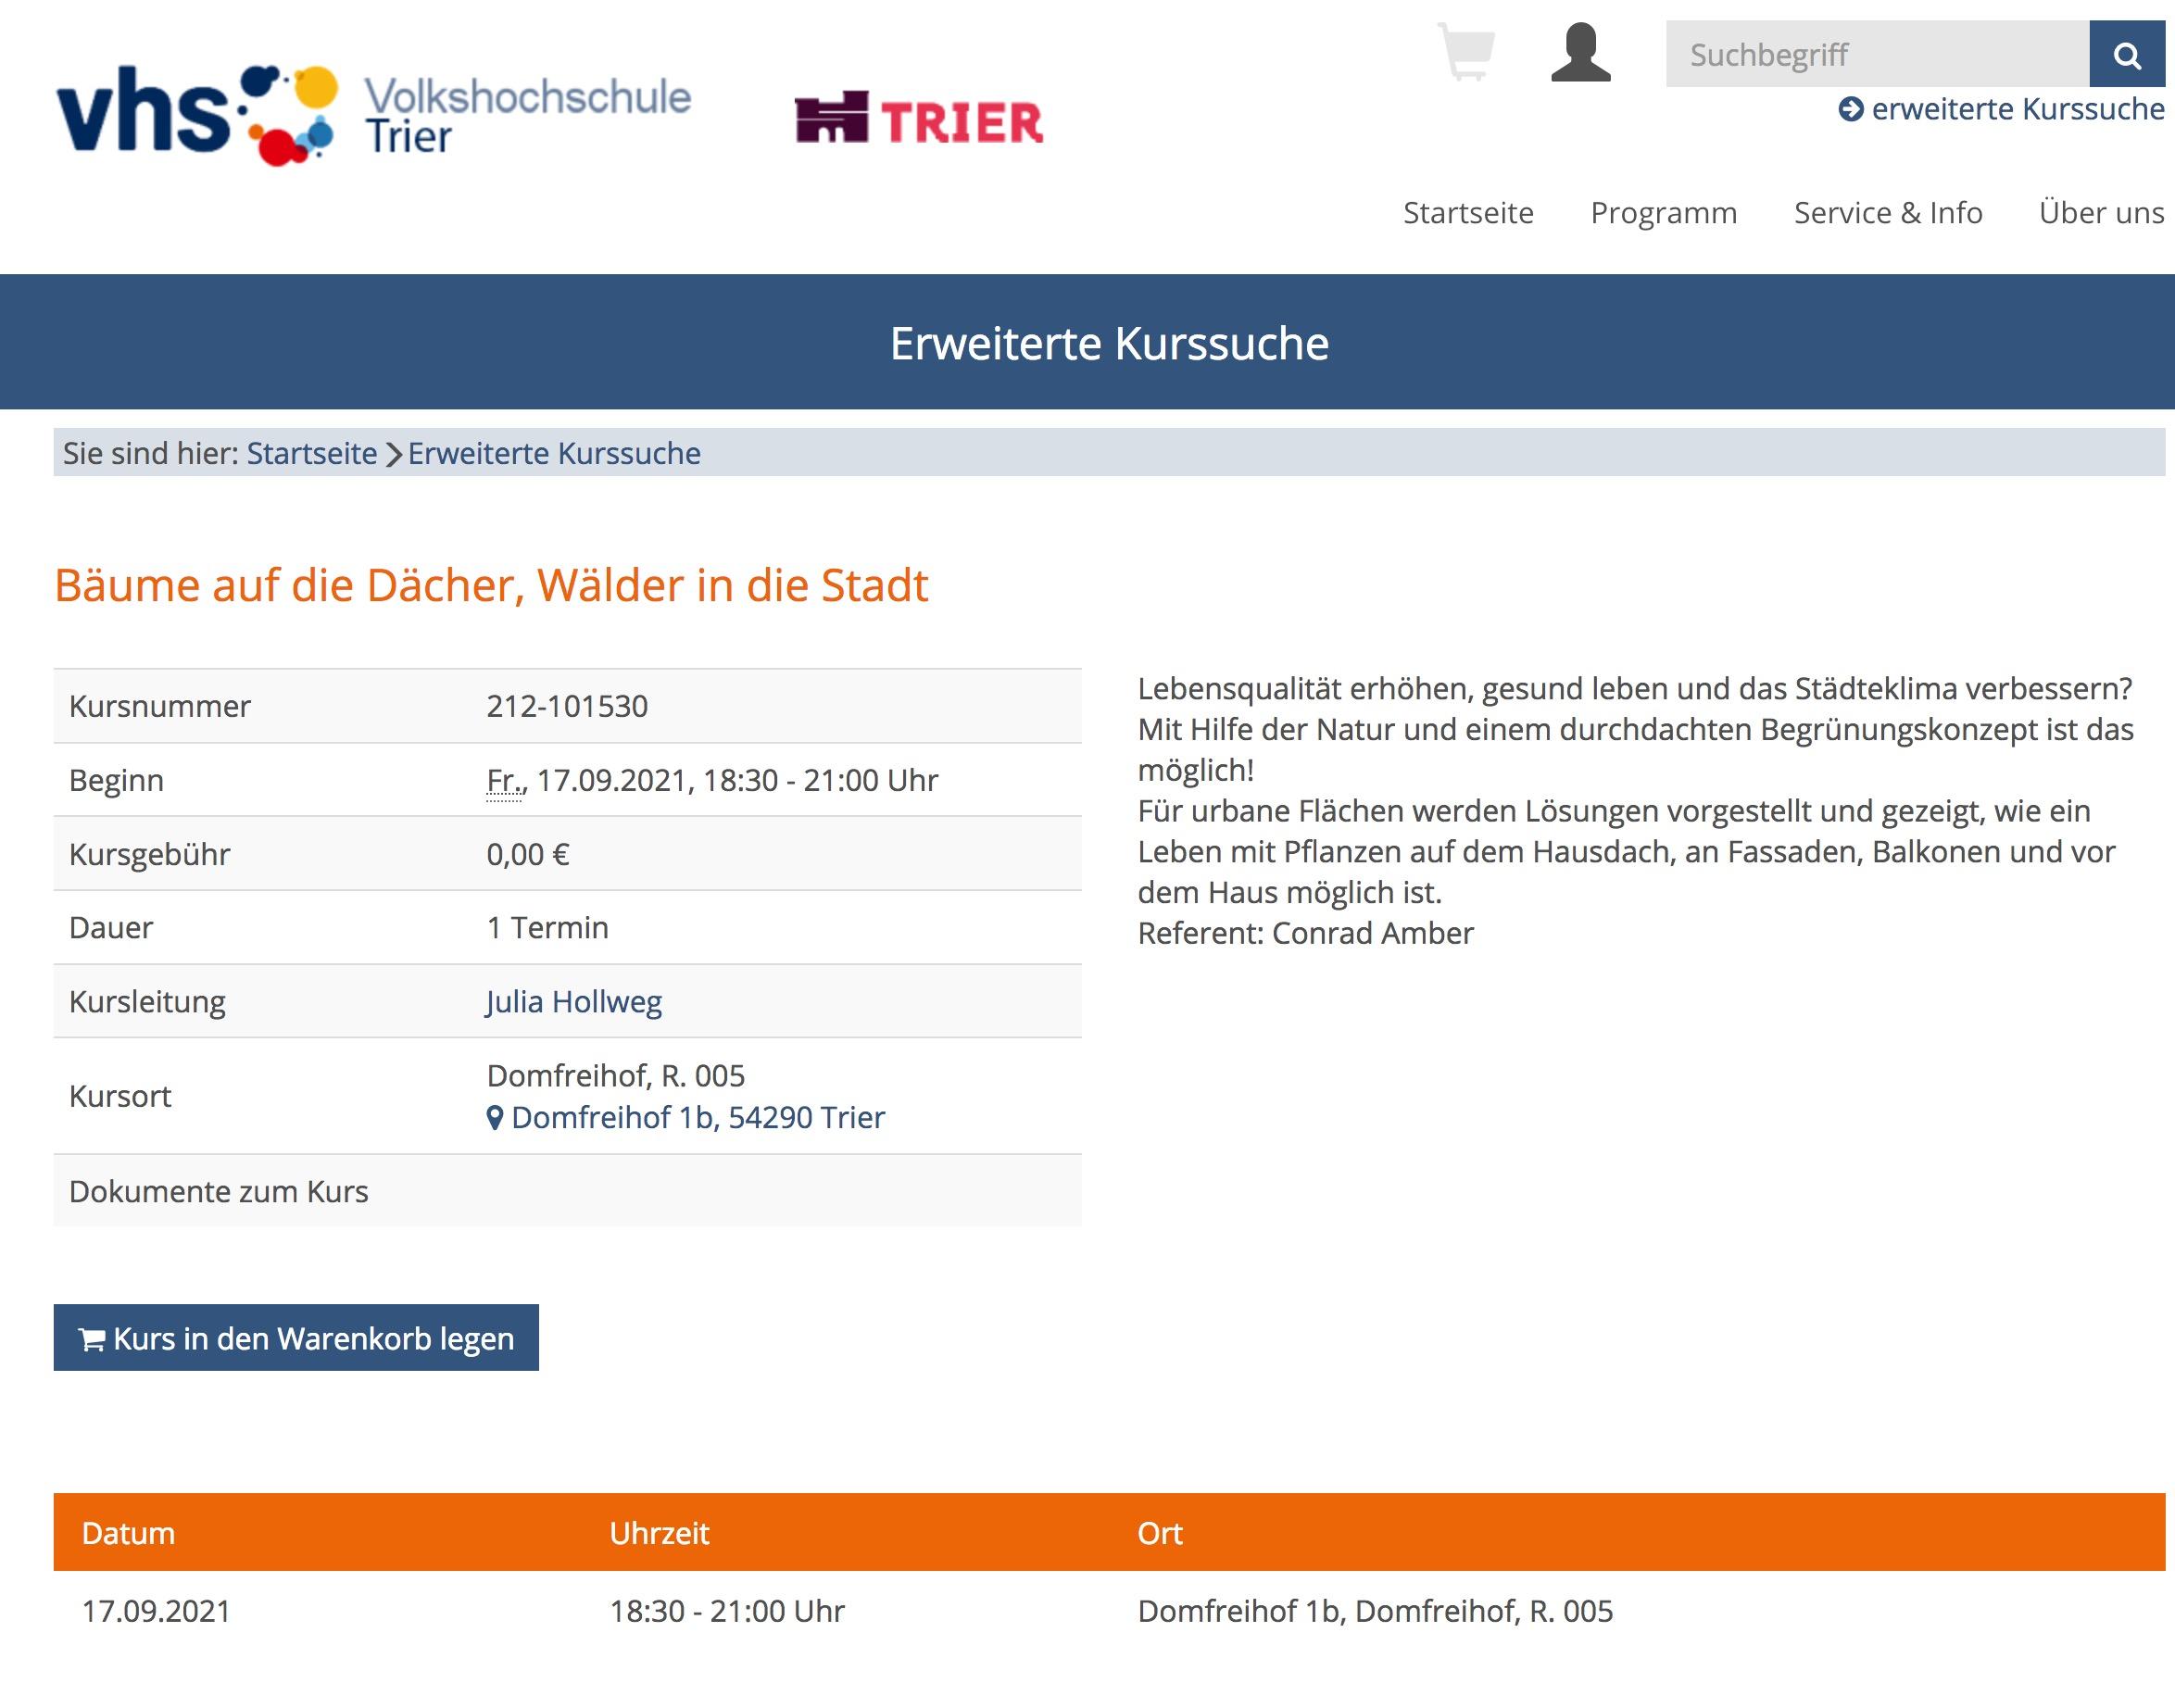 """Trier : Vortrag """"Bäume auf die Dächer, Wälder in die Stadt"""" am 17.09.2021 um 18.30, vhs"""